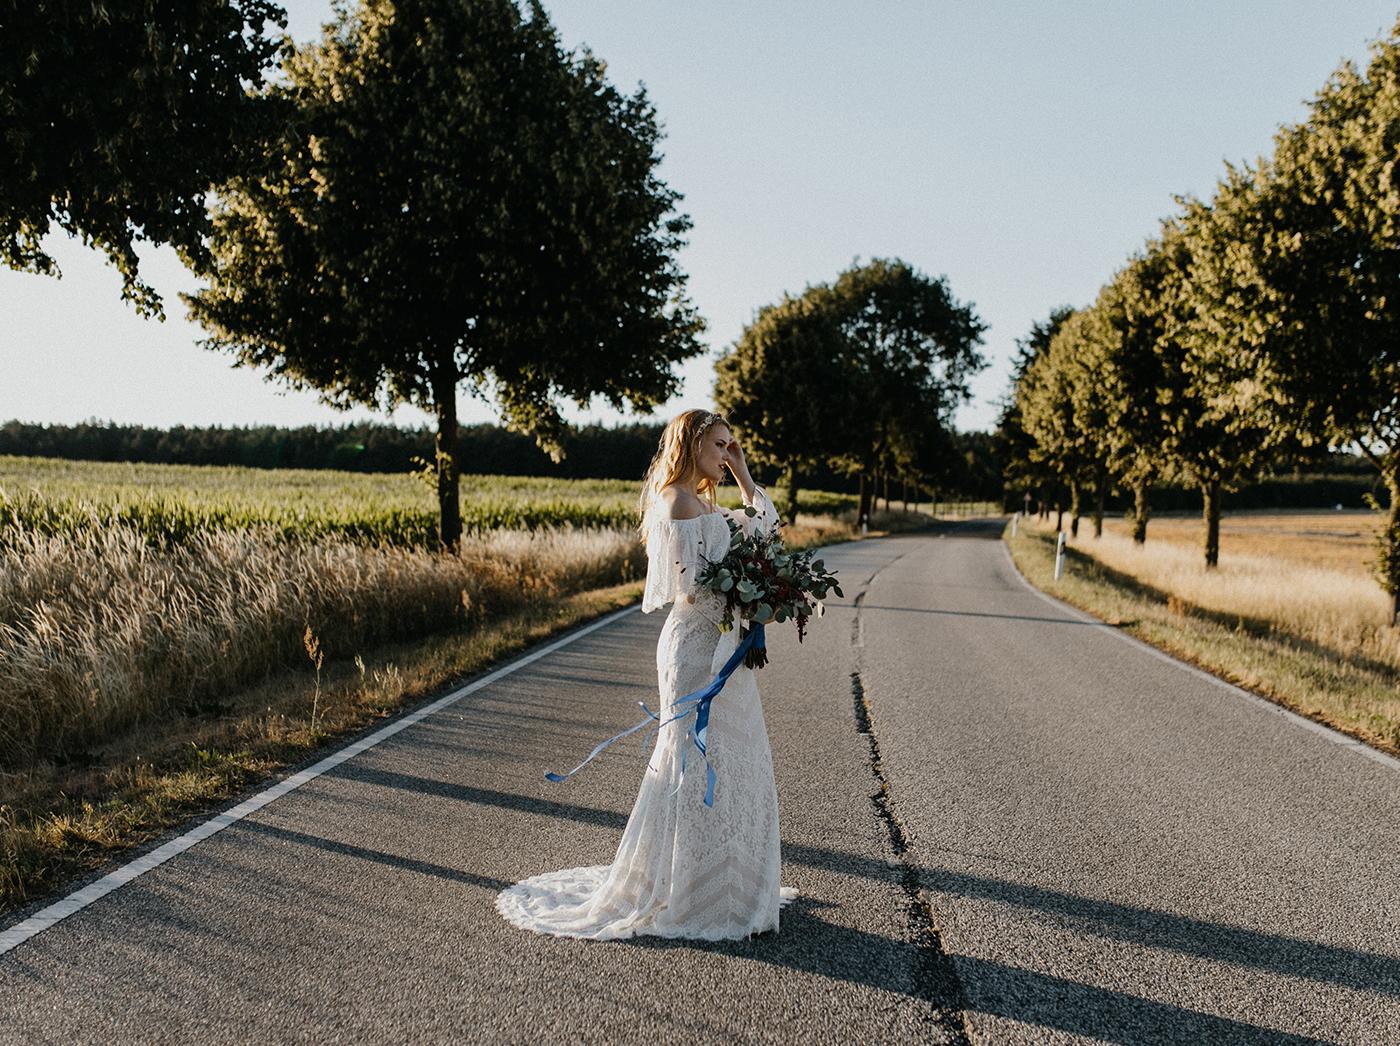 Traumanufaktur_Hochzeitsspeicher_an_der_Elbe_hamburg_Boitzenburg_41.jpg